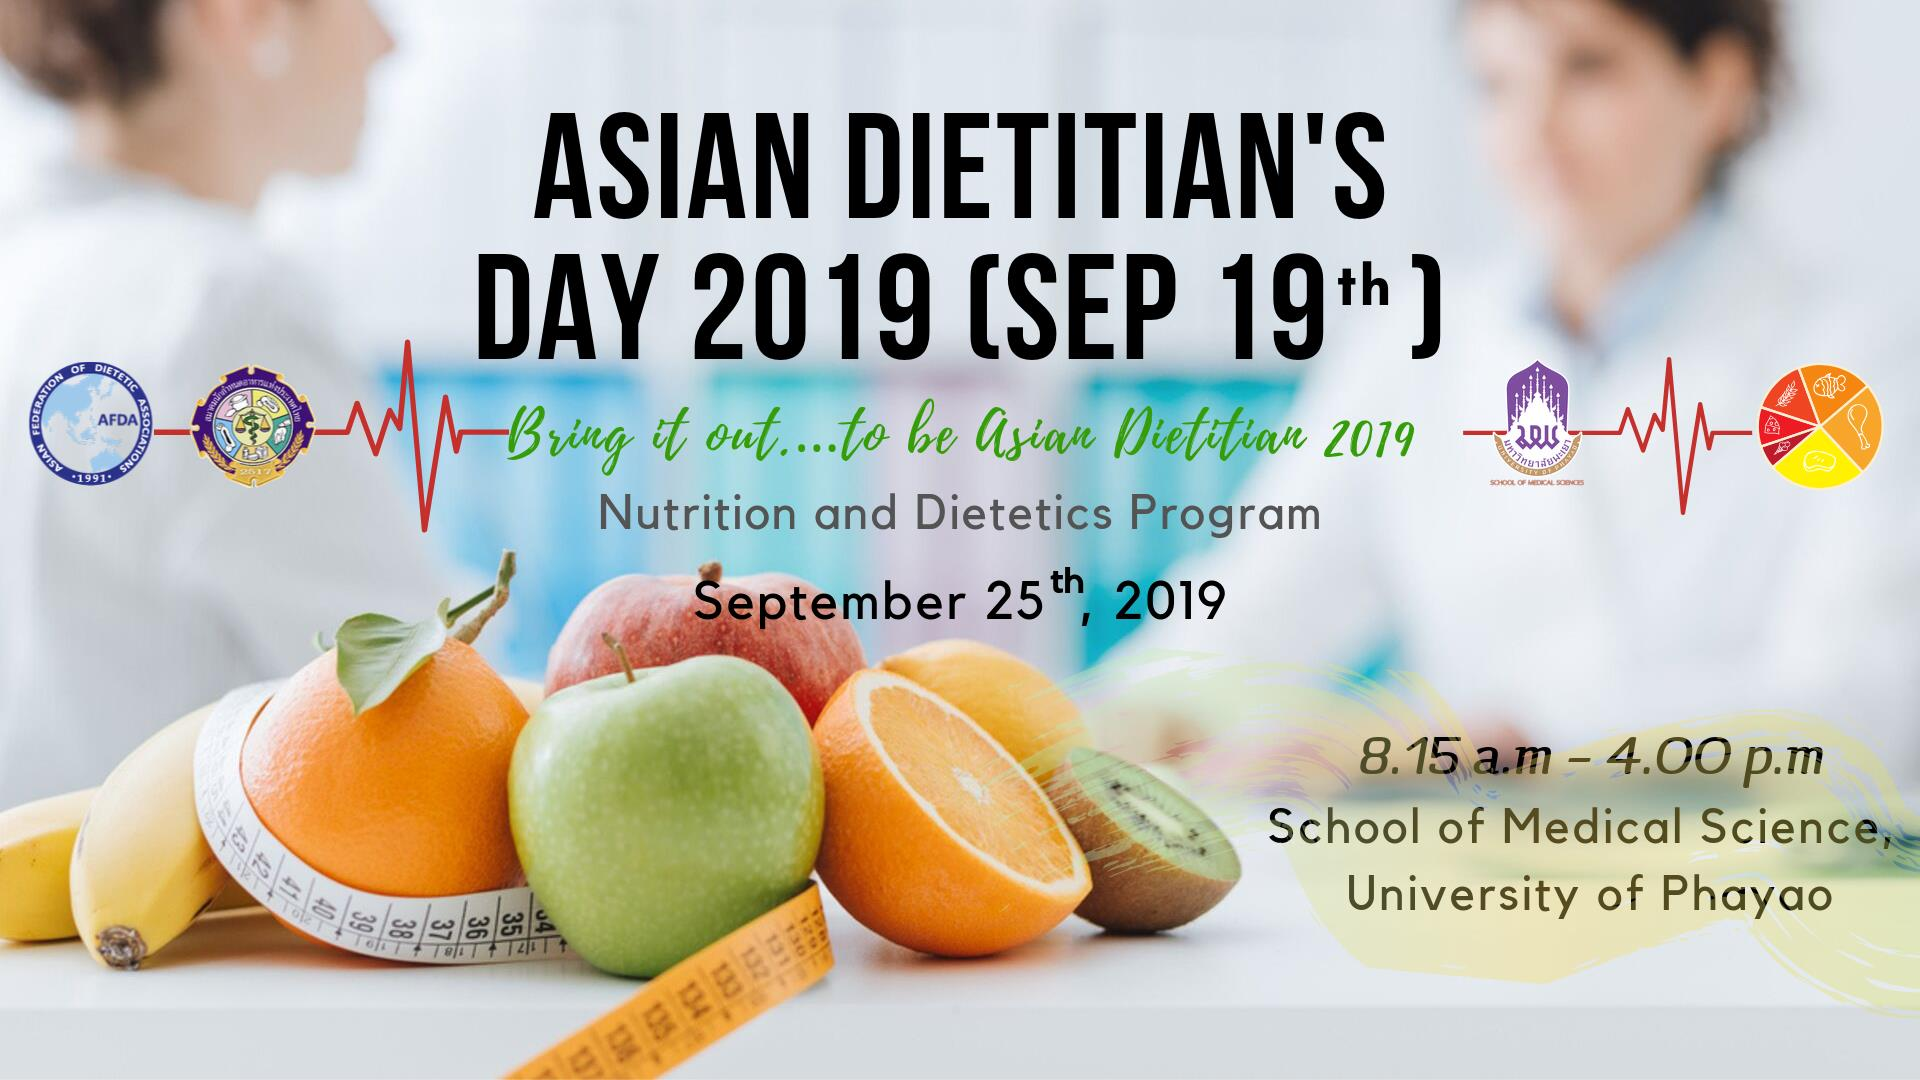 สาขาวิชาโภชนาการ,คณะวิทยาศาสตร์การแพทย์,ขอเชิญ,เข้าร่วมกิจกรรม,วันนักกำหนดอาหารเอเชีย,(Asian,Dietitian's,Day,2019)